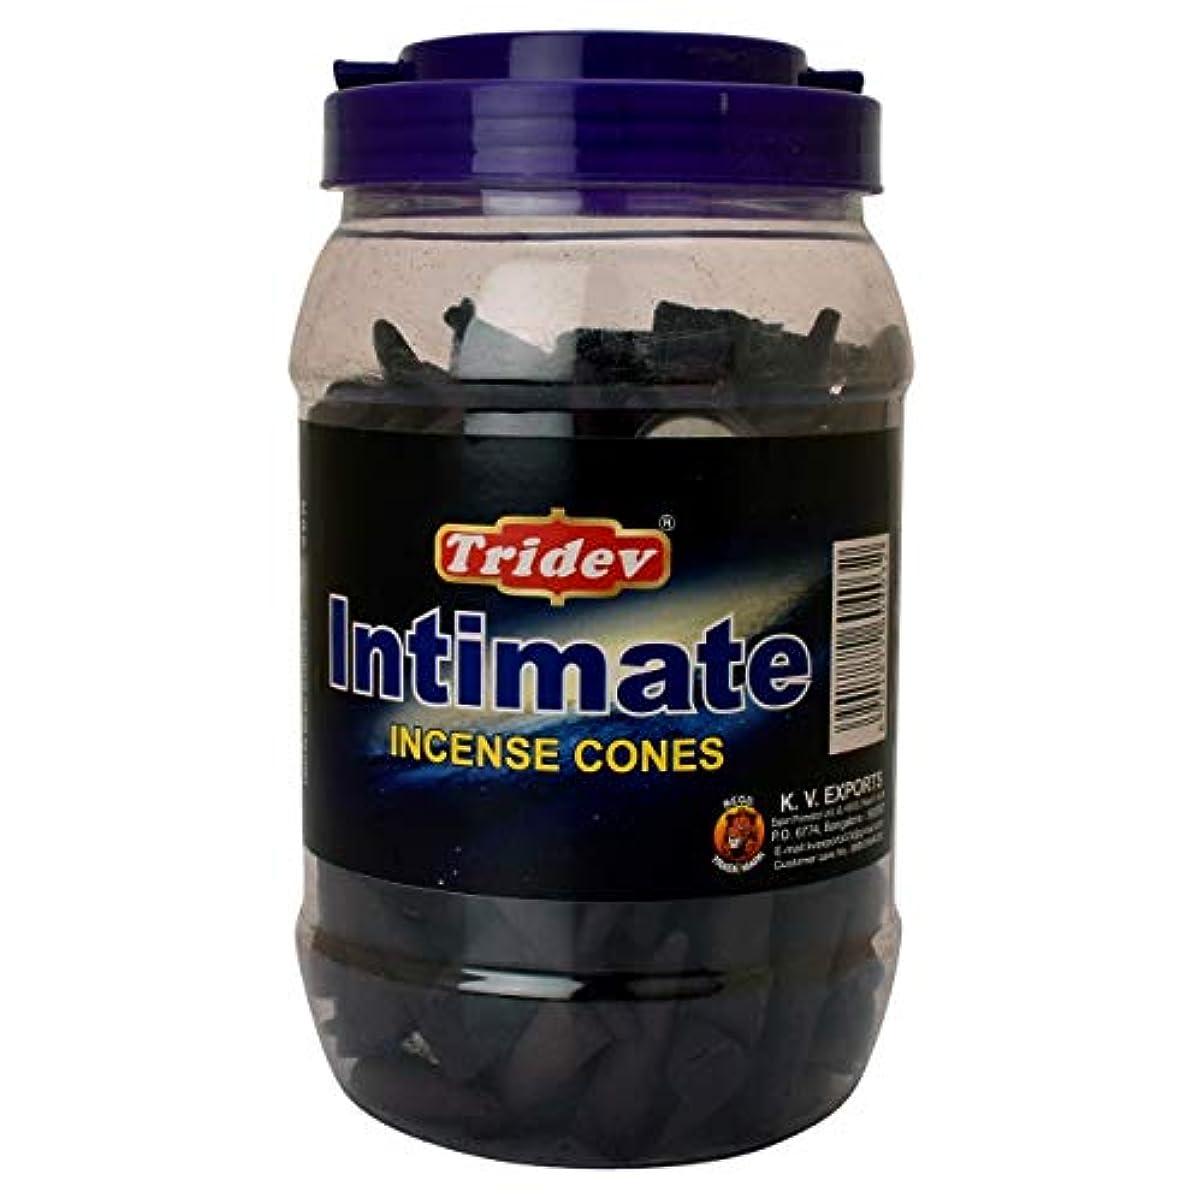 戸棚市長論争の的Tridev Intimate Incense Cones Jar 500グラムパック